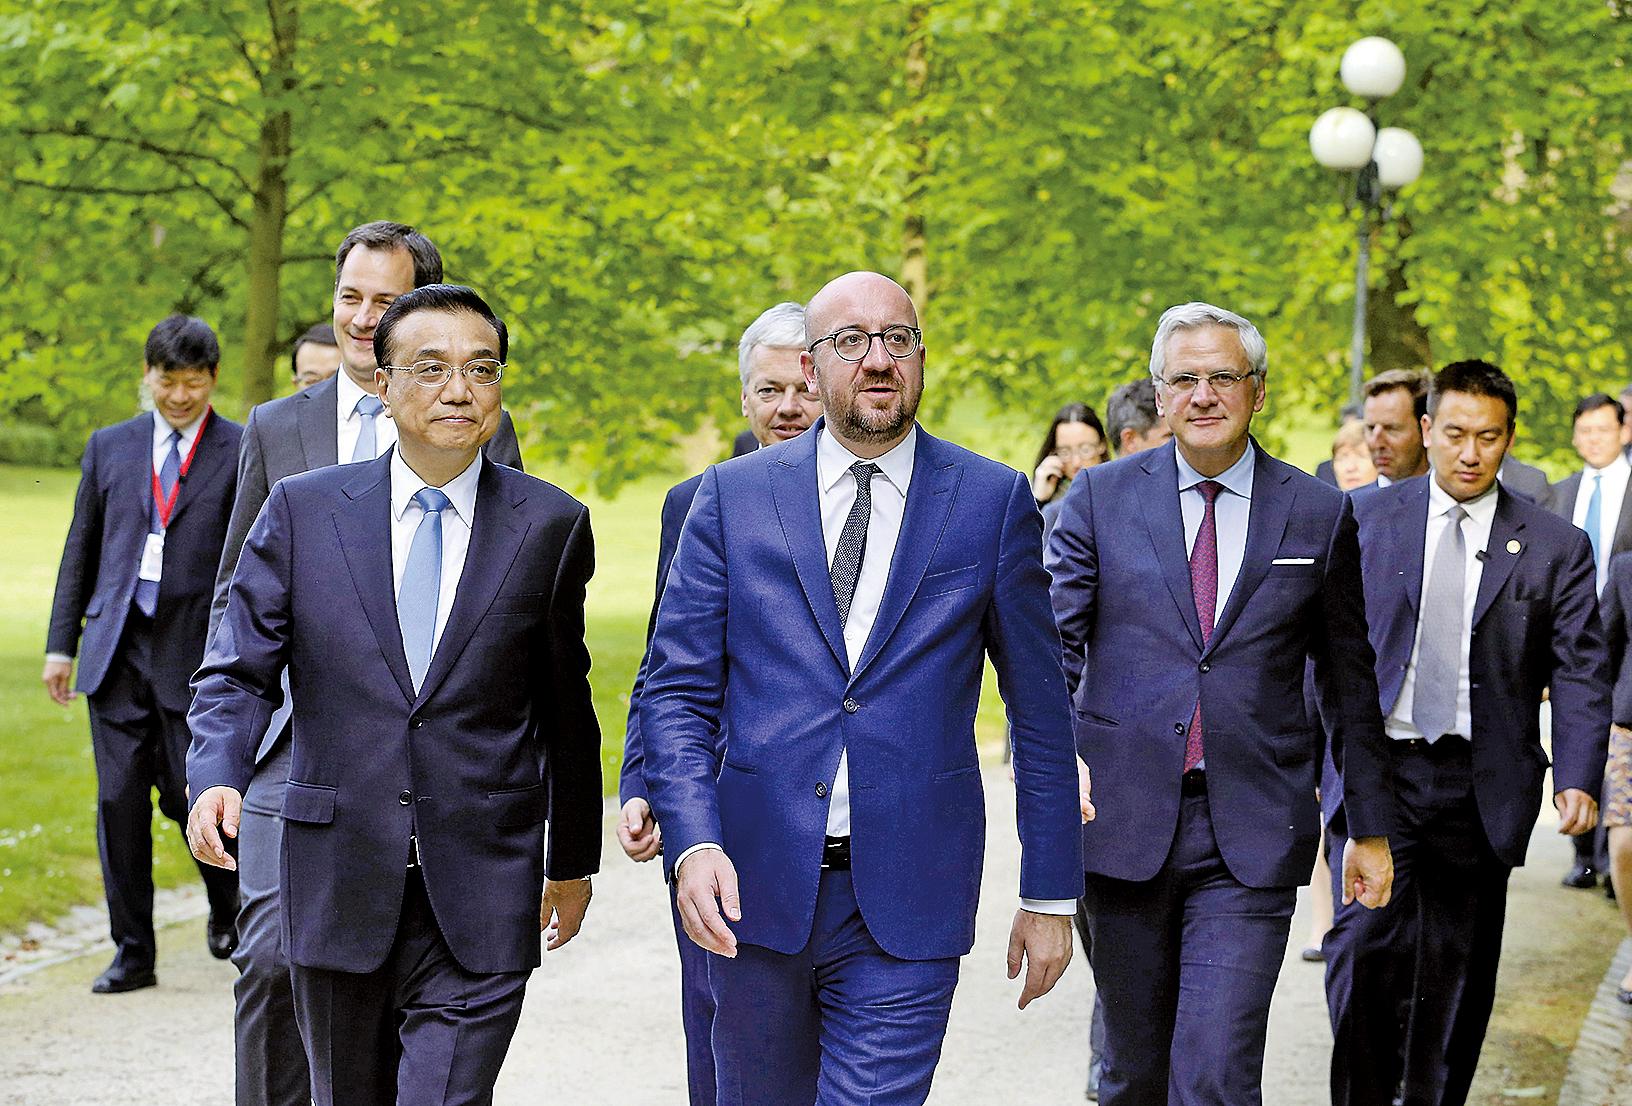 李克強(左一)在上周訪歐,正值美國宣佈退出《巴黎氣候協定》之際,外界特別關注此行意義。(AFP)